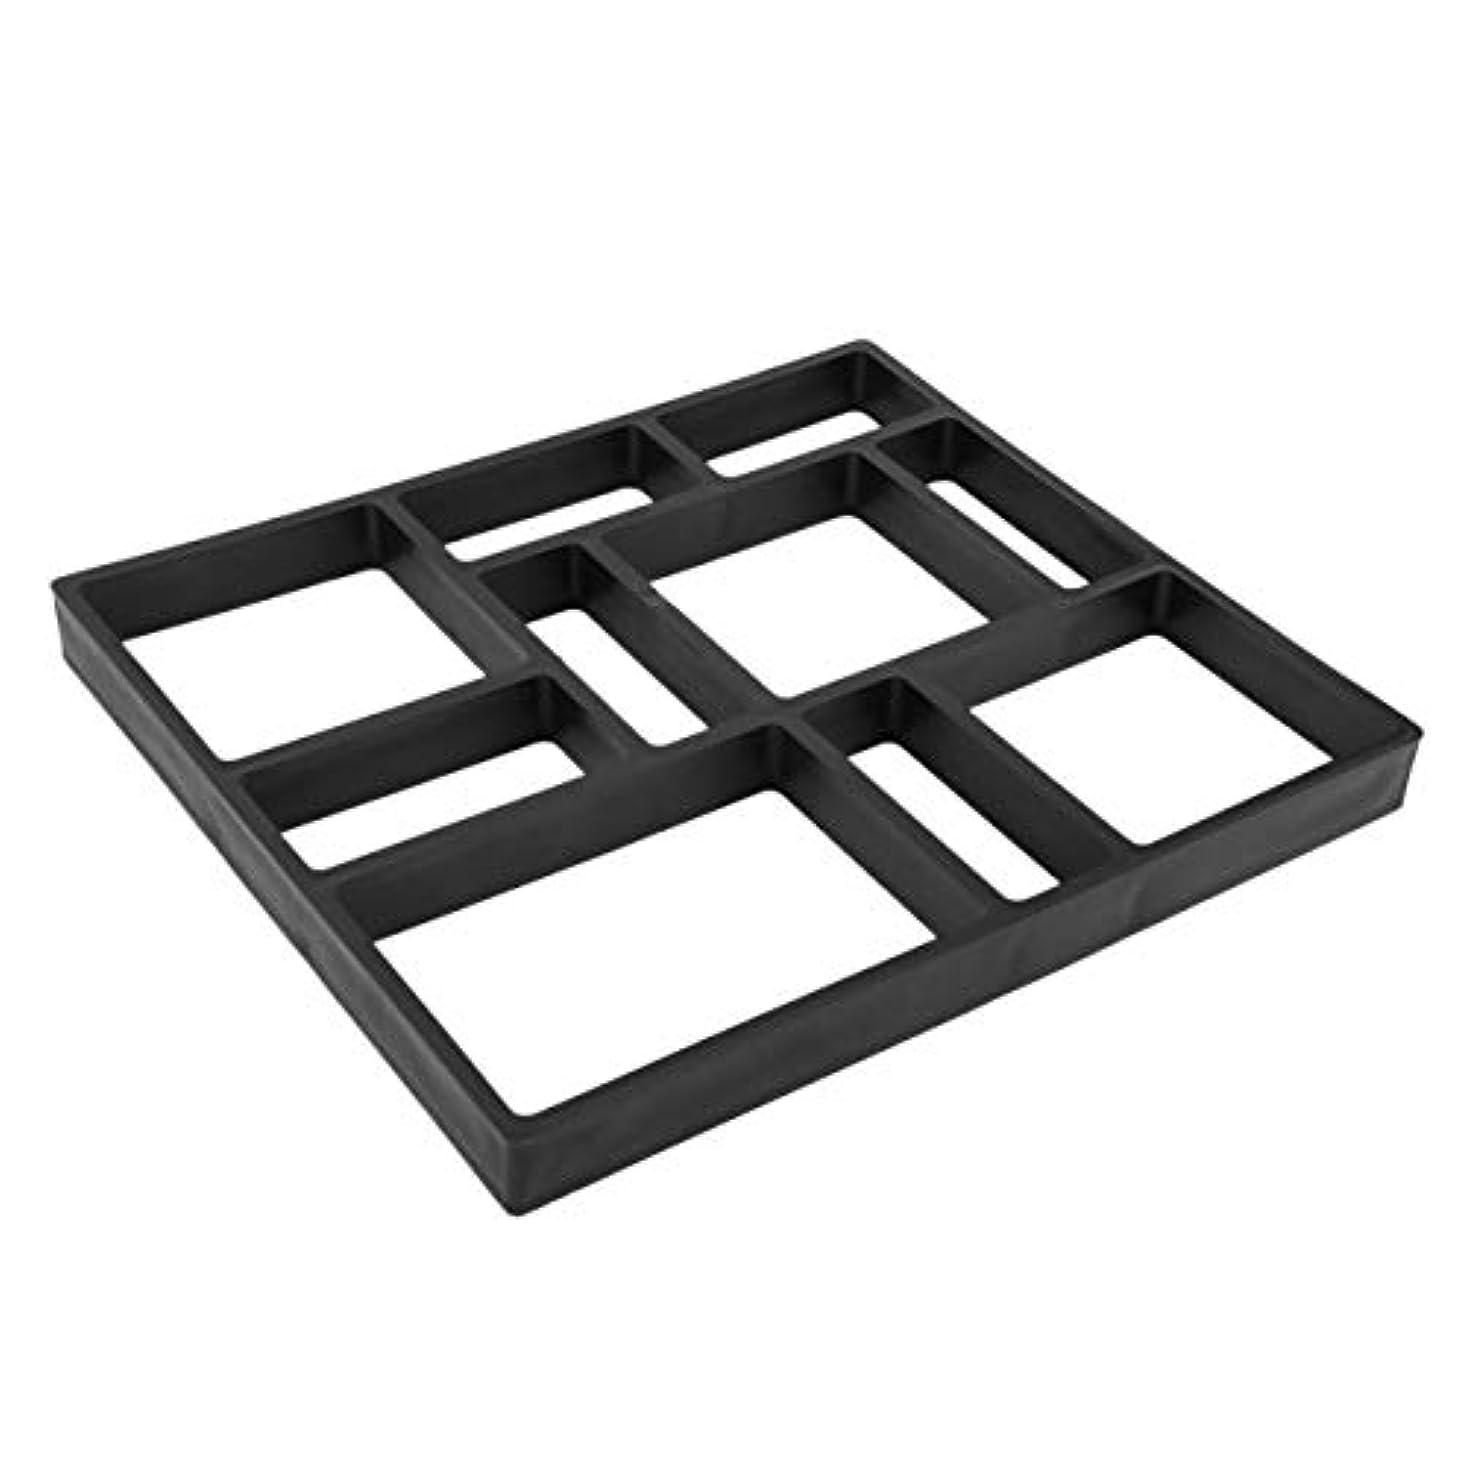 ペインギリック時期尚早かんがいSaikogoods DIY不規則な/矩形パターンパーソナライズされた舗装のコンクリートレンガ石屋外装飾庭パスのメーカー芝生 黒